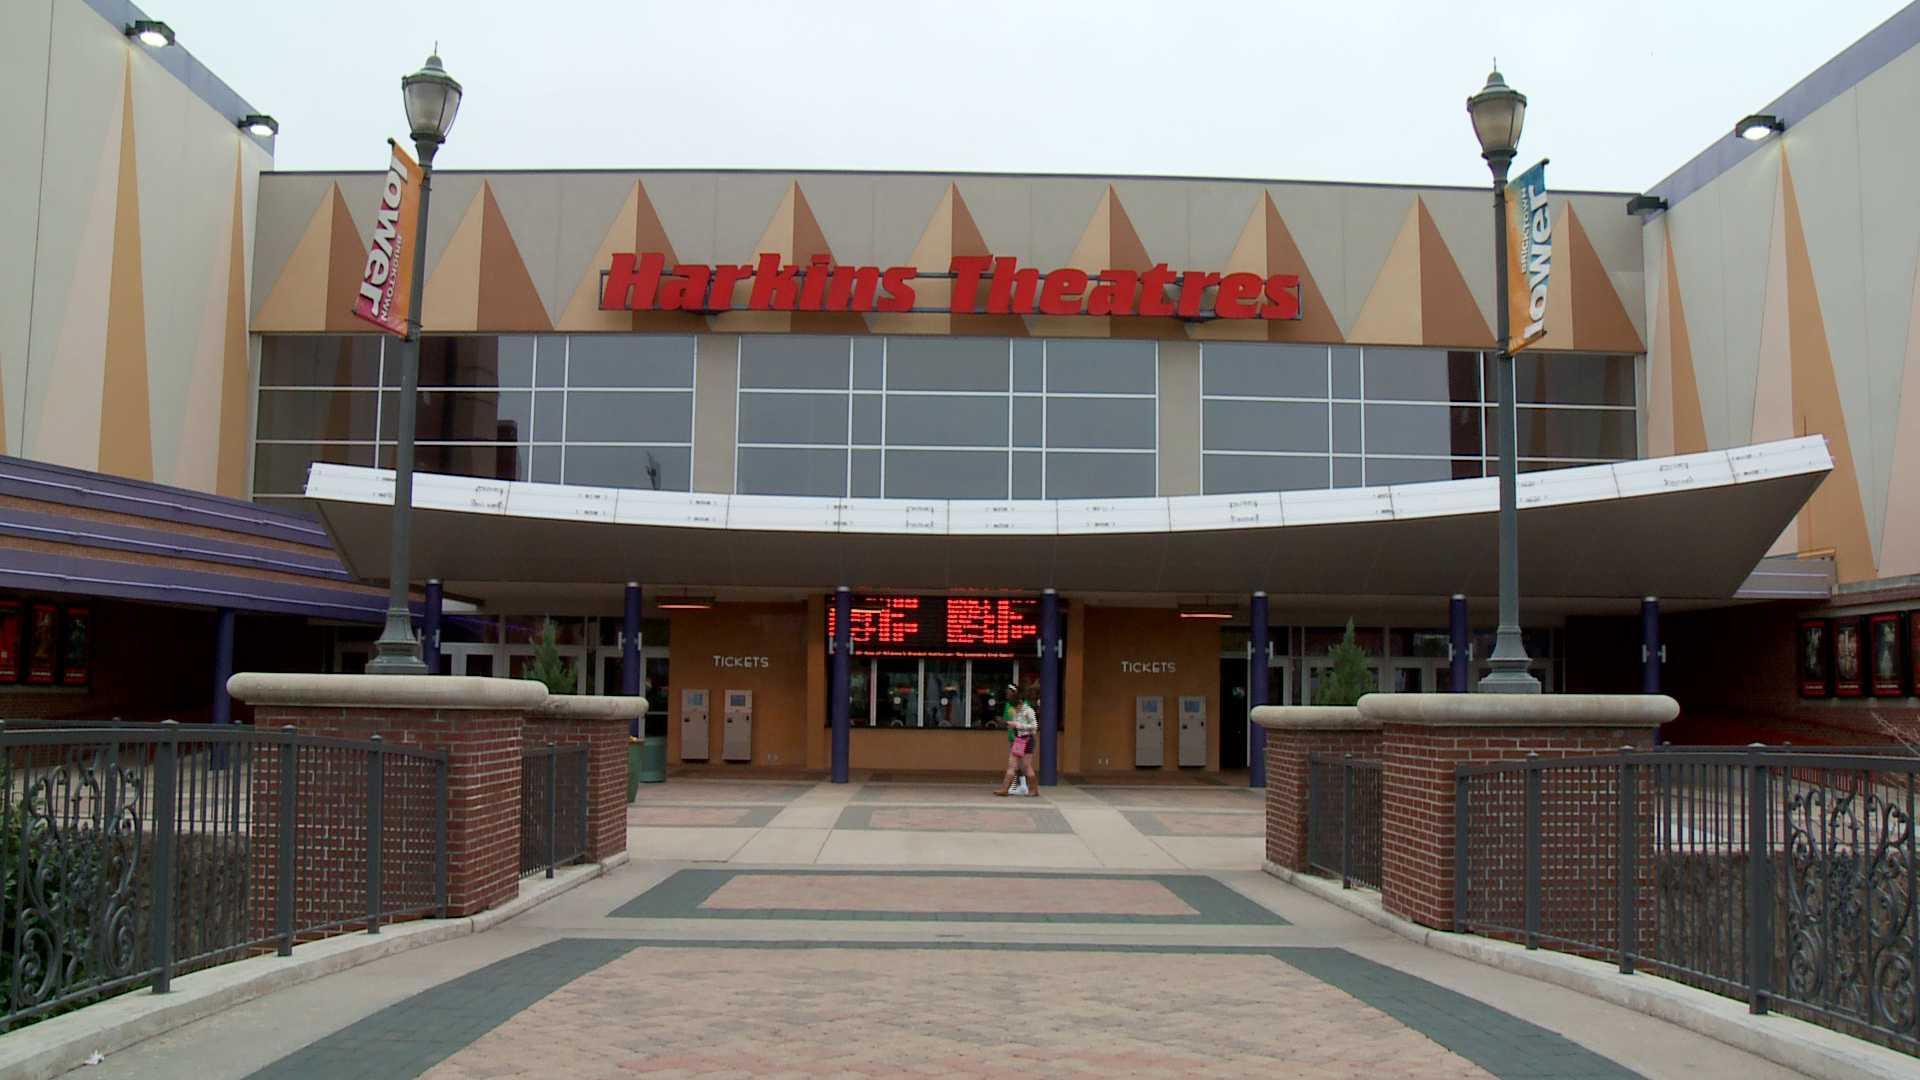 Halloween 2020 Harkins Redlands Harkins Theatres temporarily suspends operations of movie theatres